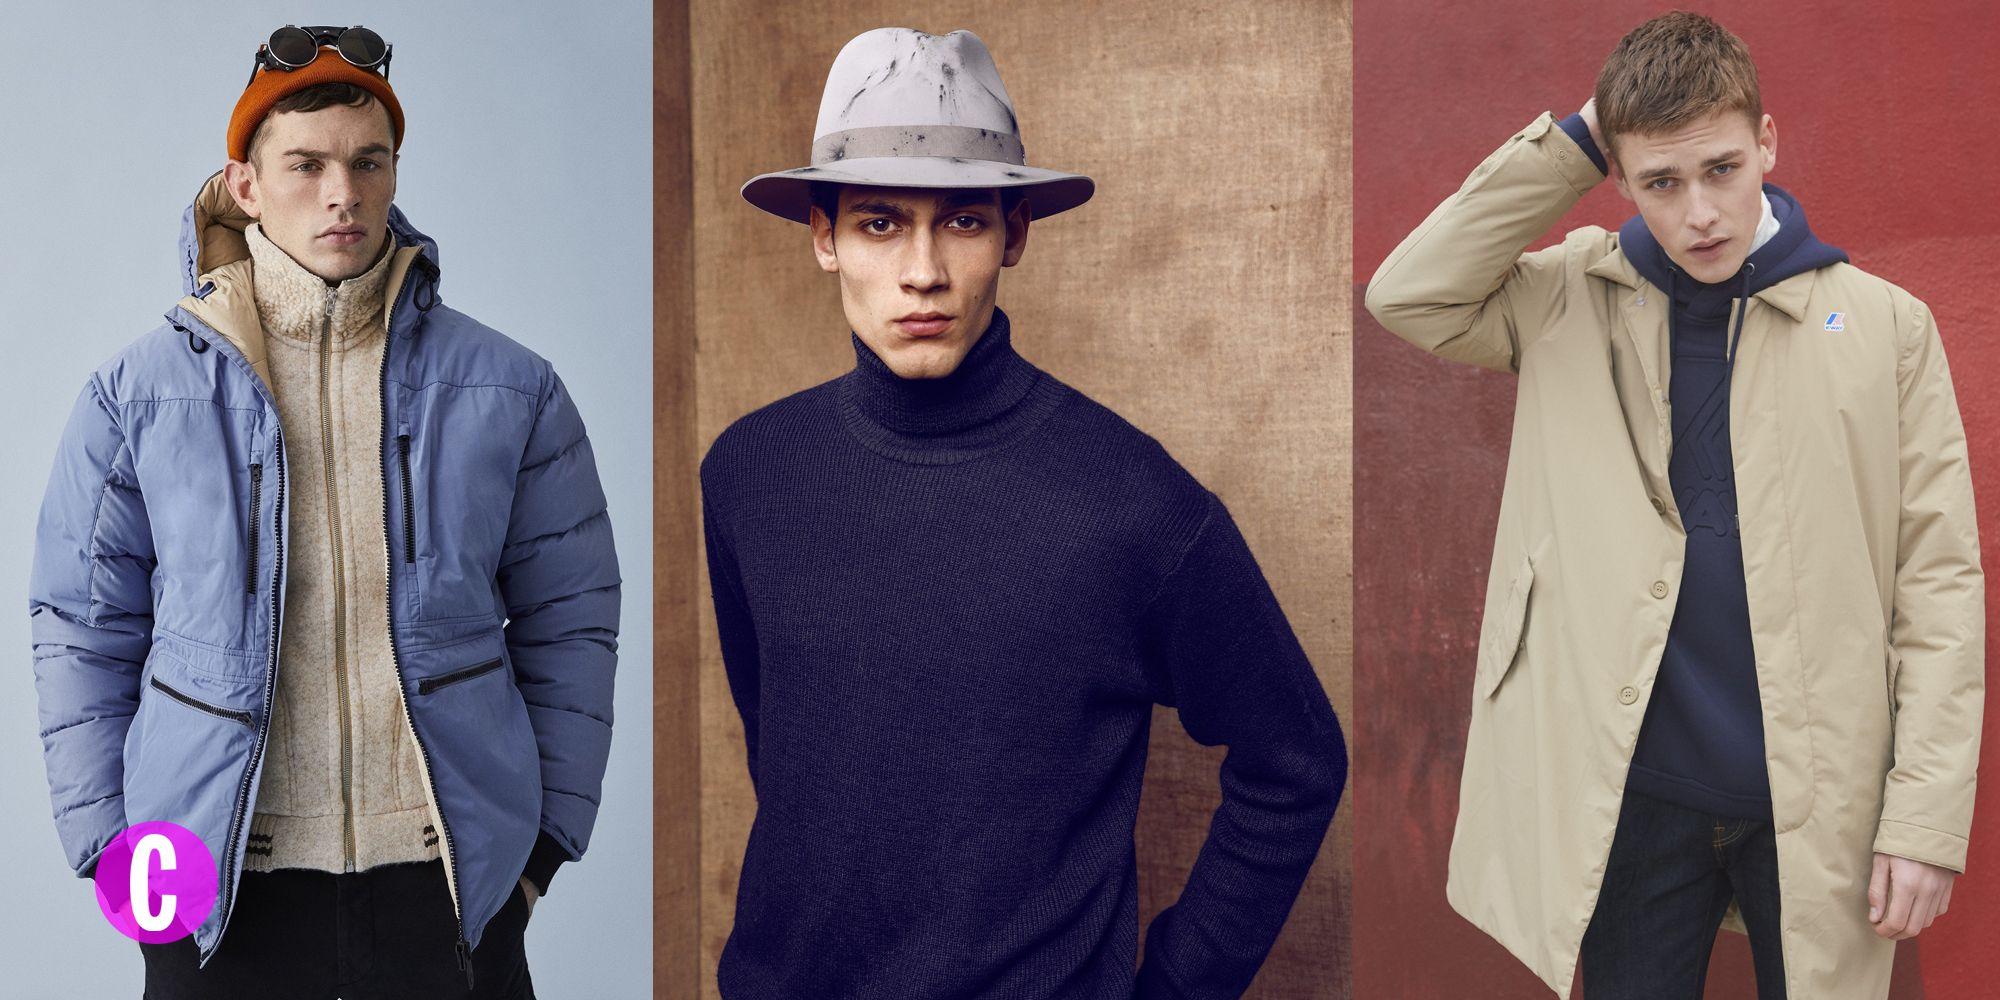 La moda uomo autunno inverno 2018 secondo le nuove tendenze di Pitti Uomo 93 ff9862ccbe3